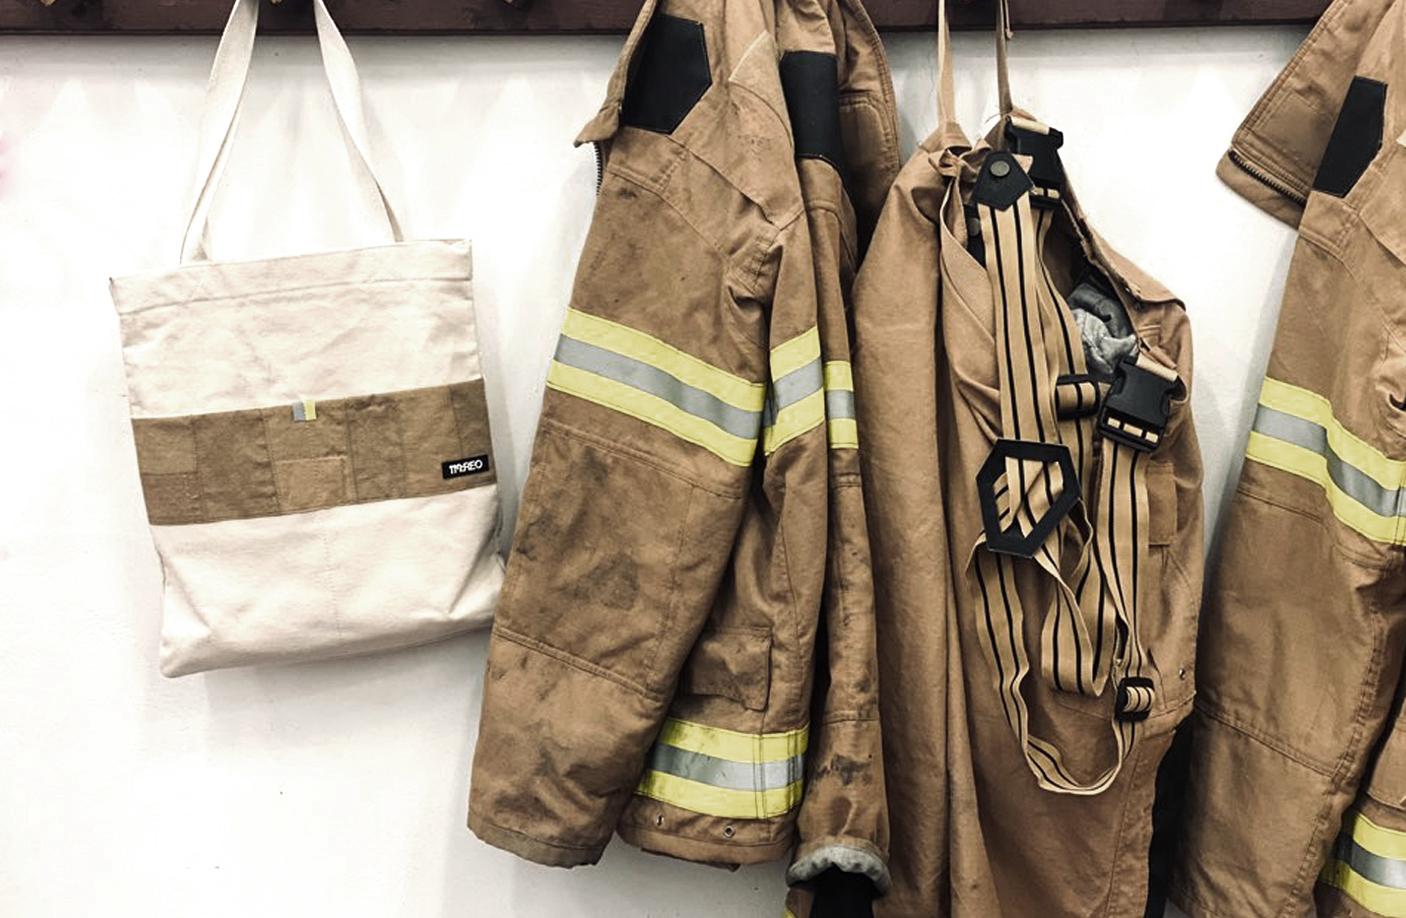 소방서 내에 출동을 하는 소방서의 분주한 모습과 소방관의 캐비닛을 컨셉으로 금속의 표면은 화재 현장의 타고 남은 느낌을 담다